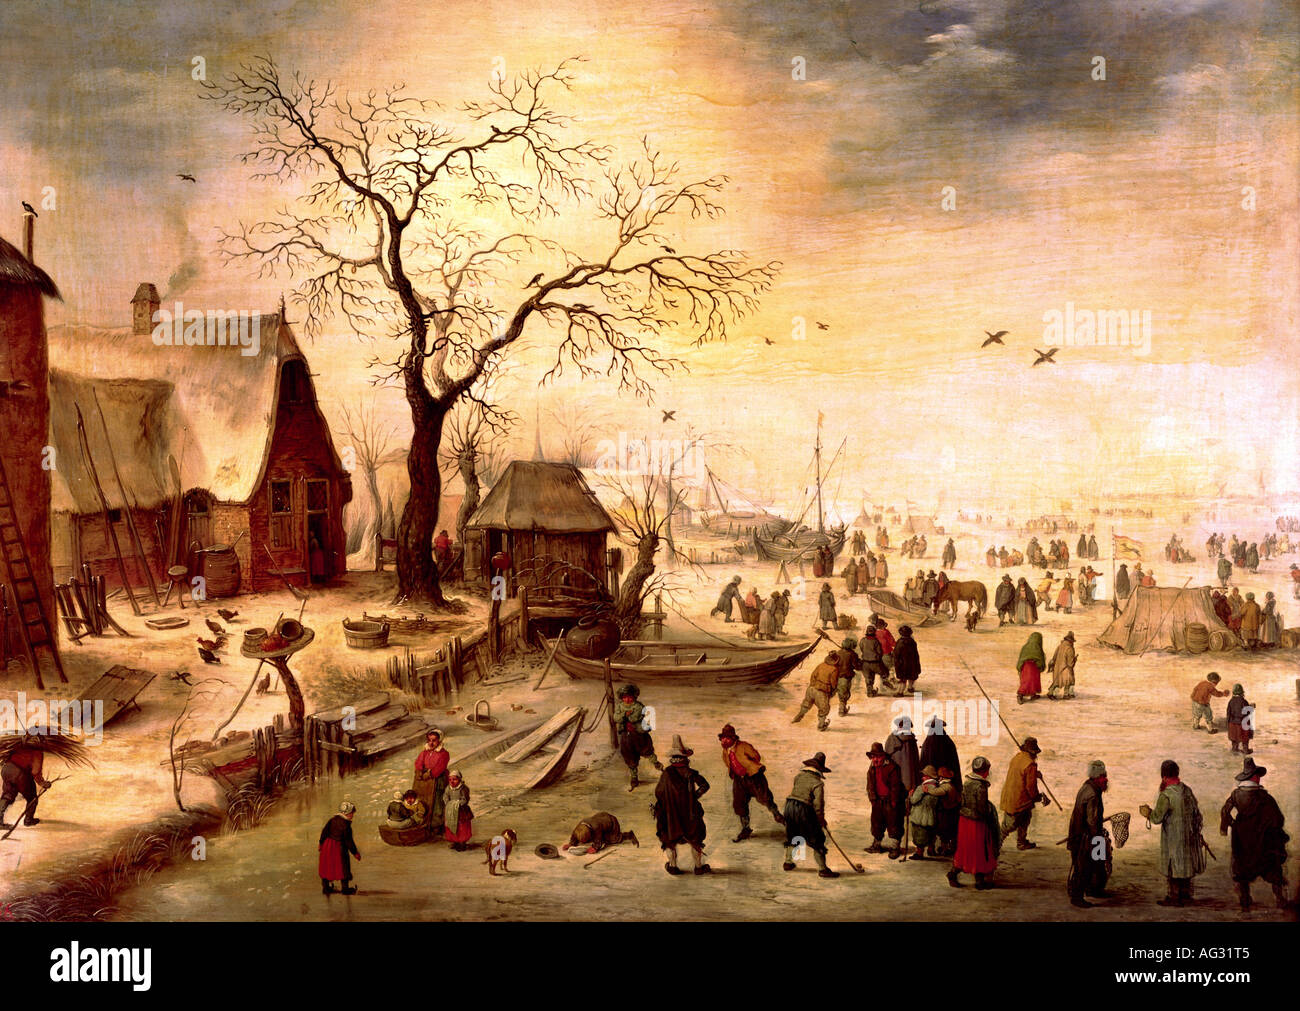 """Beaux-arts, Pieter Snayers, (vers 1592 - vers 1666), peinture, 'Winter Scene', 17ème siècle, 61 cm x 85,5 cm, Musée d'état de Hesse, Kassel, Allemagne, galerie photo """"Alte Meister"""", l'artiste n'a pas d'auteur pour être effacé Photo Stock"""